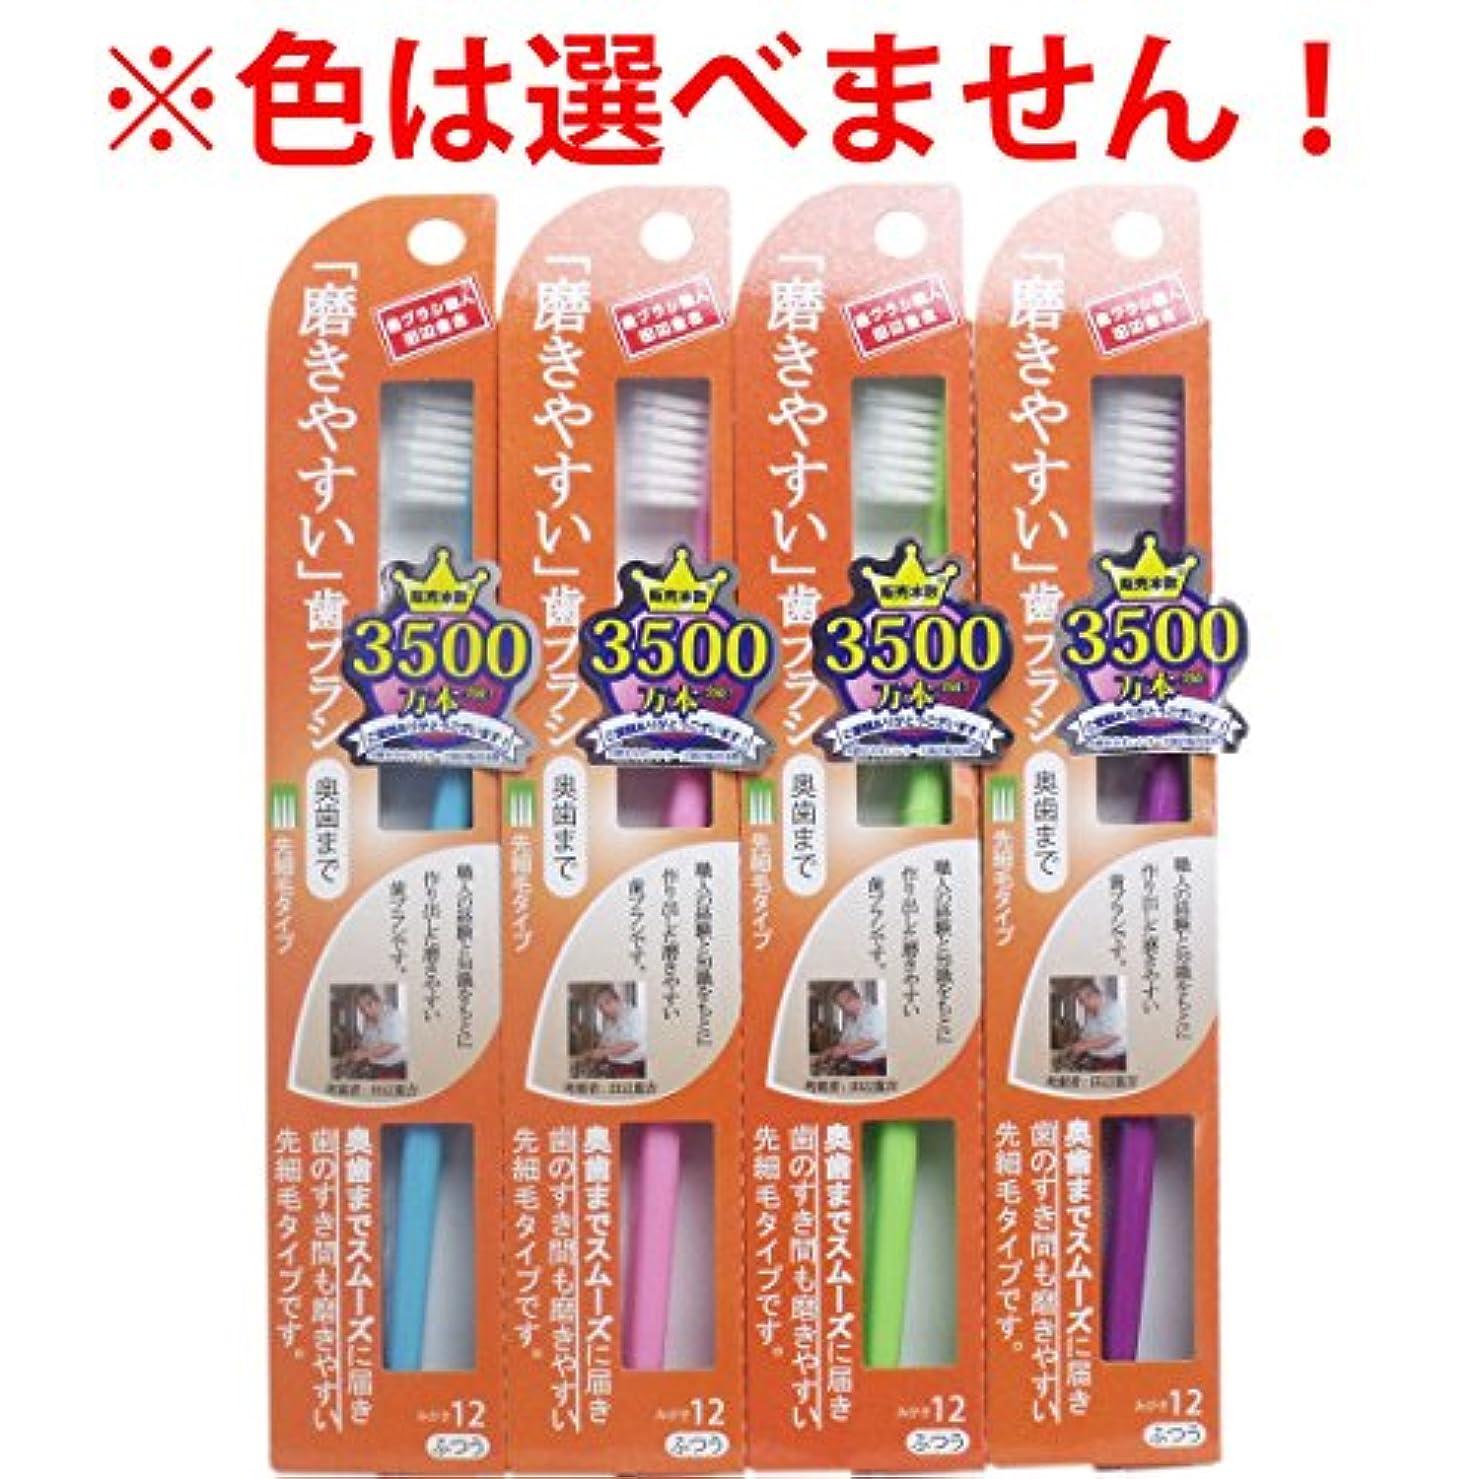 検証ガム有名な【2セット】磨きやすい歯ブラシ(奥歯まで)先細 1P*12本入り